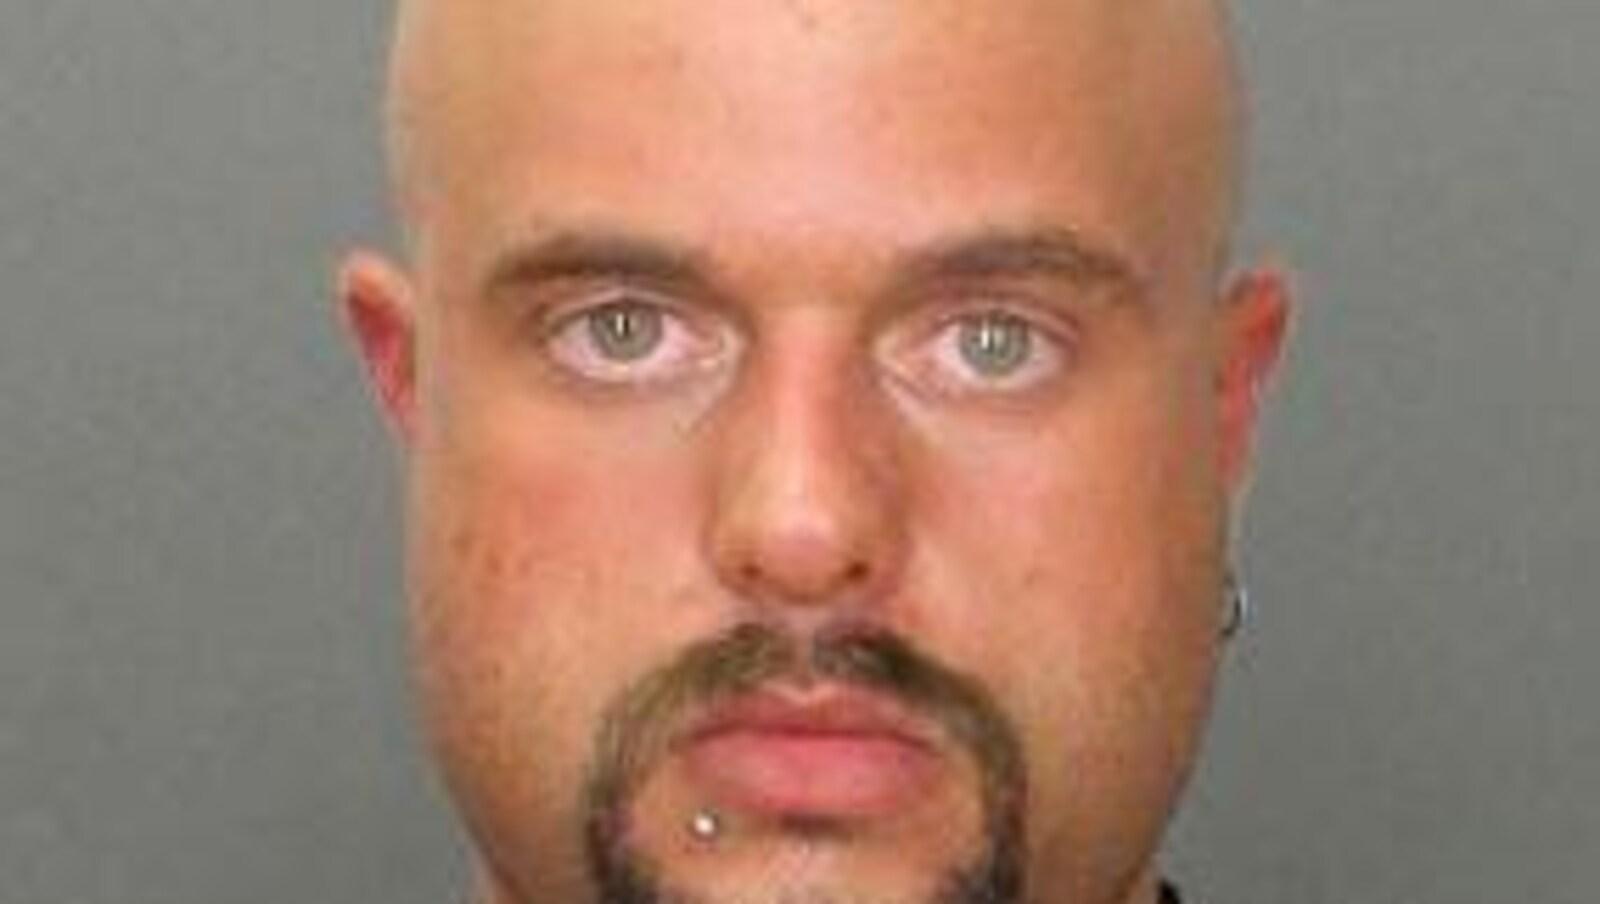 Une photo d'un homme qui a été retrouvé mort.